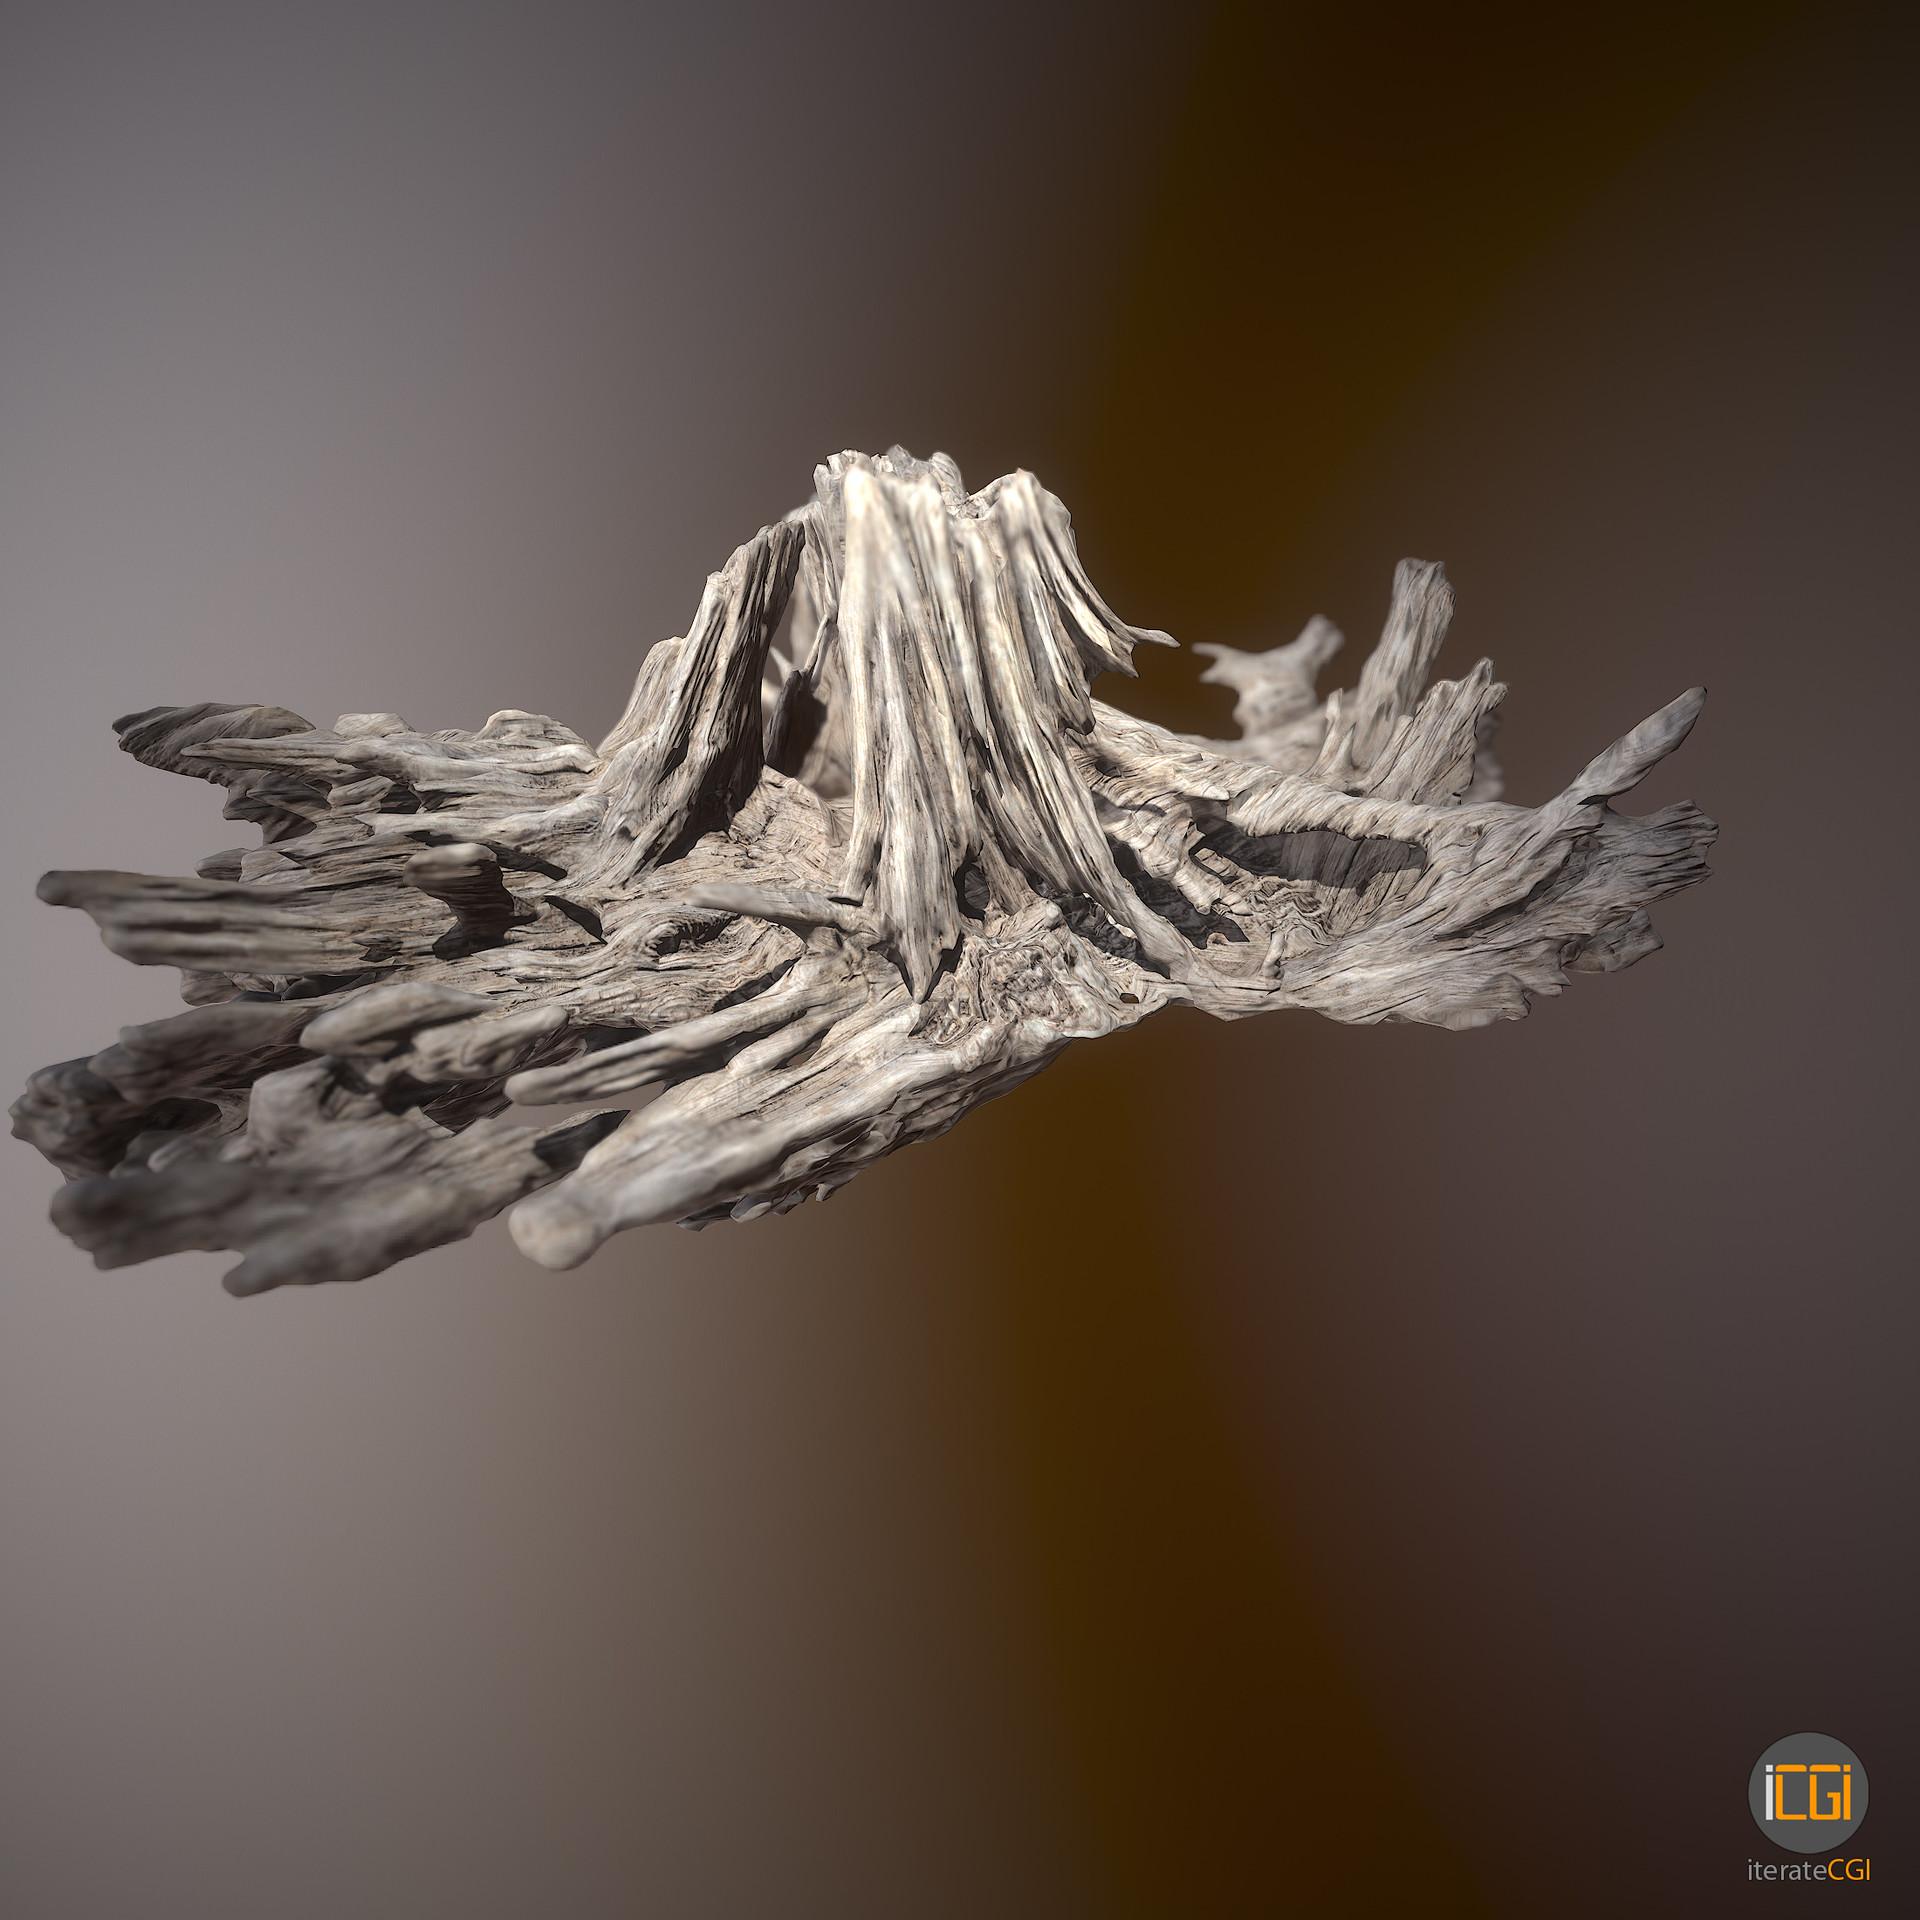 Johan de leenheer driftwood piece cft1 24